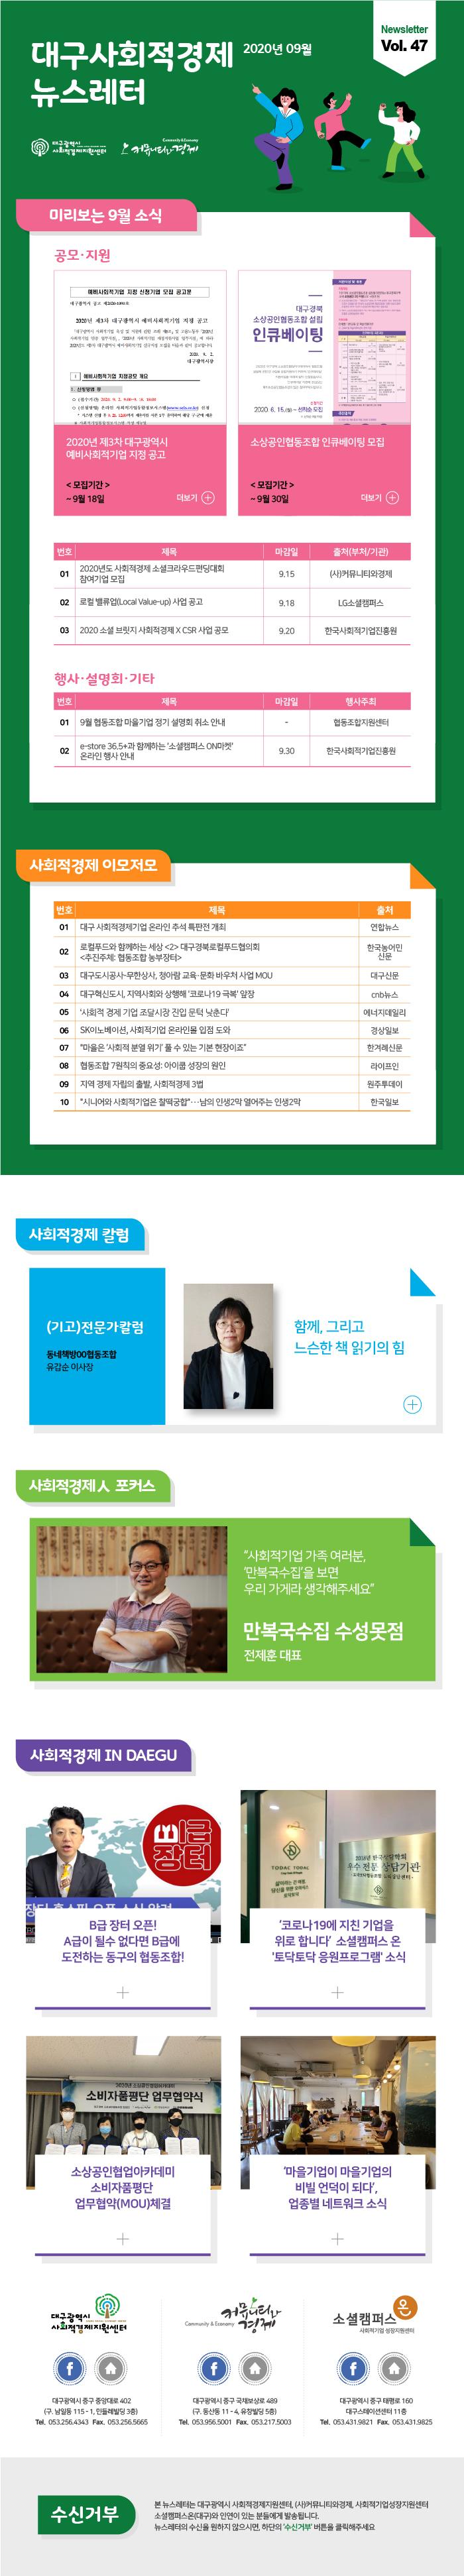 대구광역시 사회적경제 지원센터 2020.03 뉴스레터